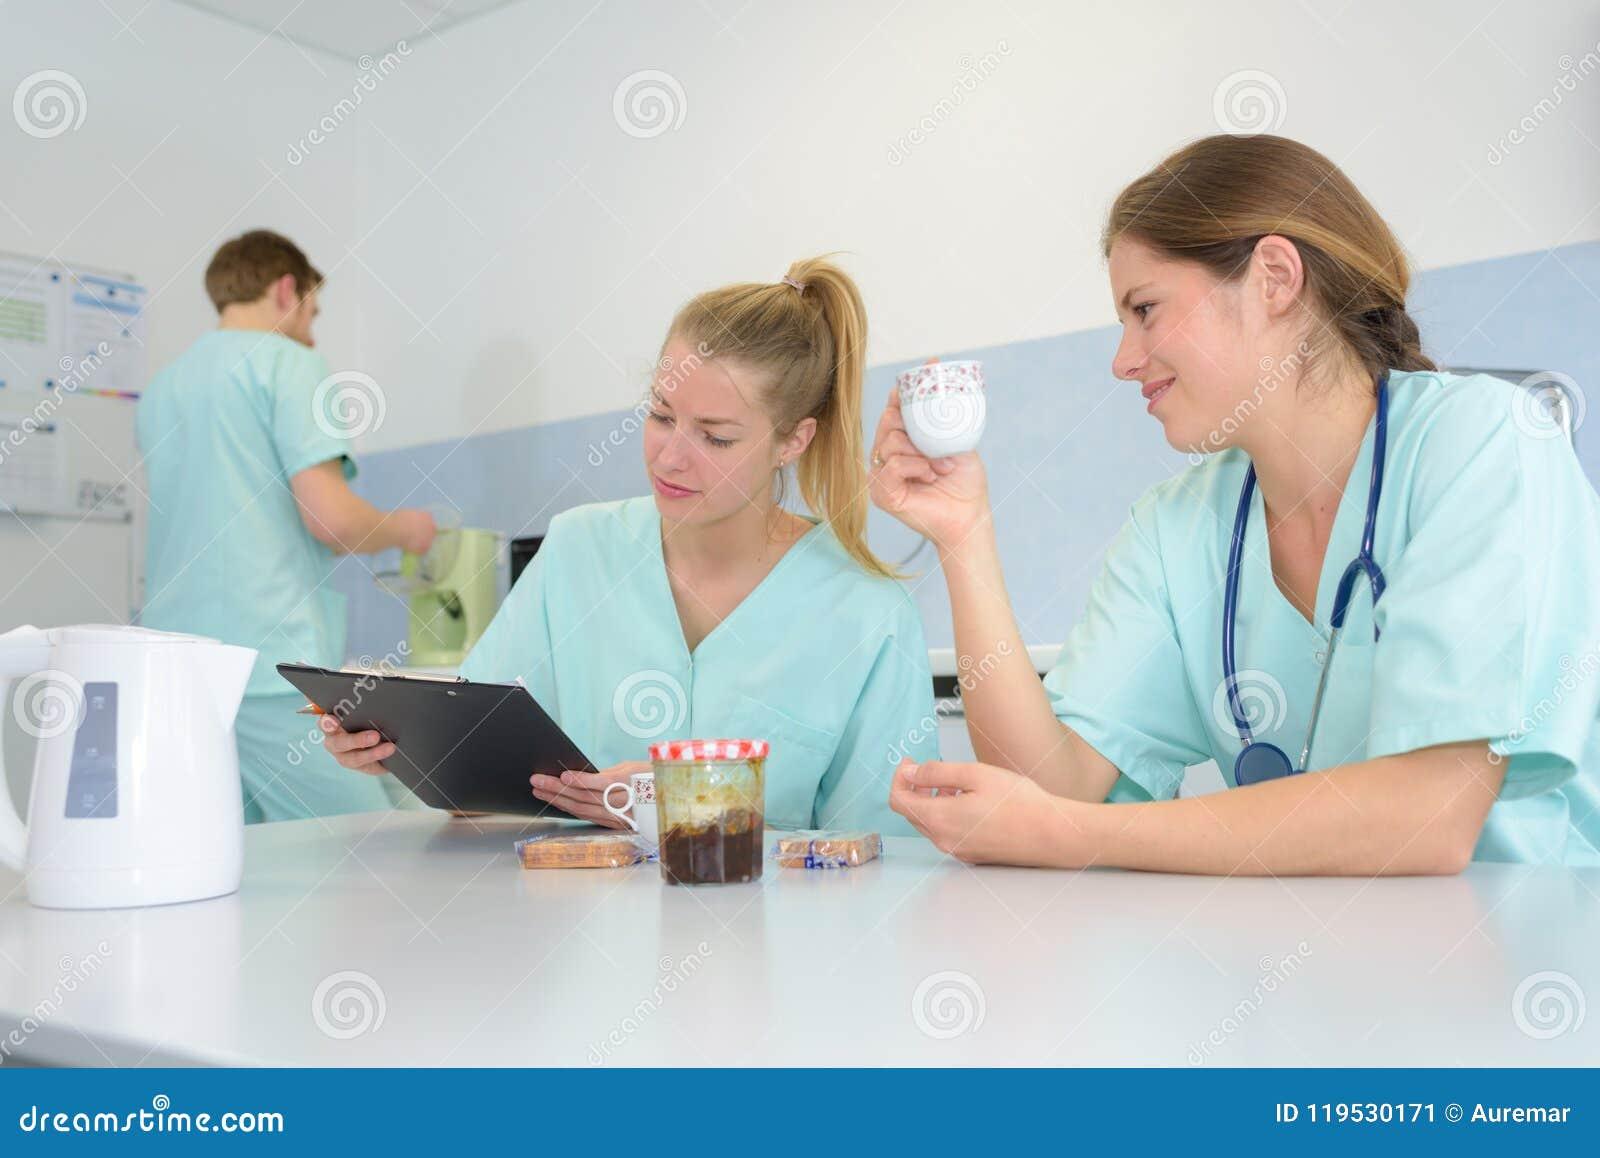 Take Break Coffeebreak : Medical team taking coffee break stock image image of marble